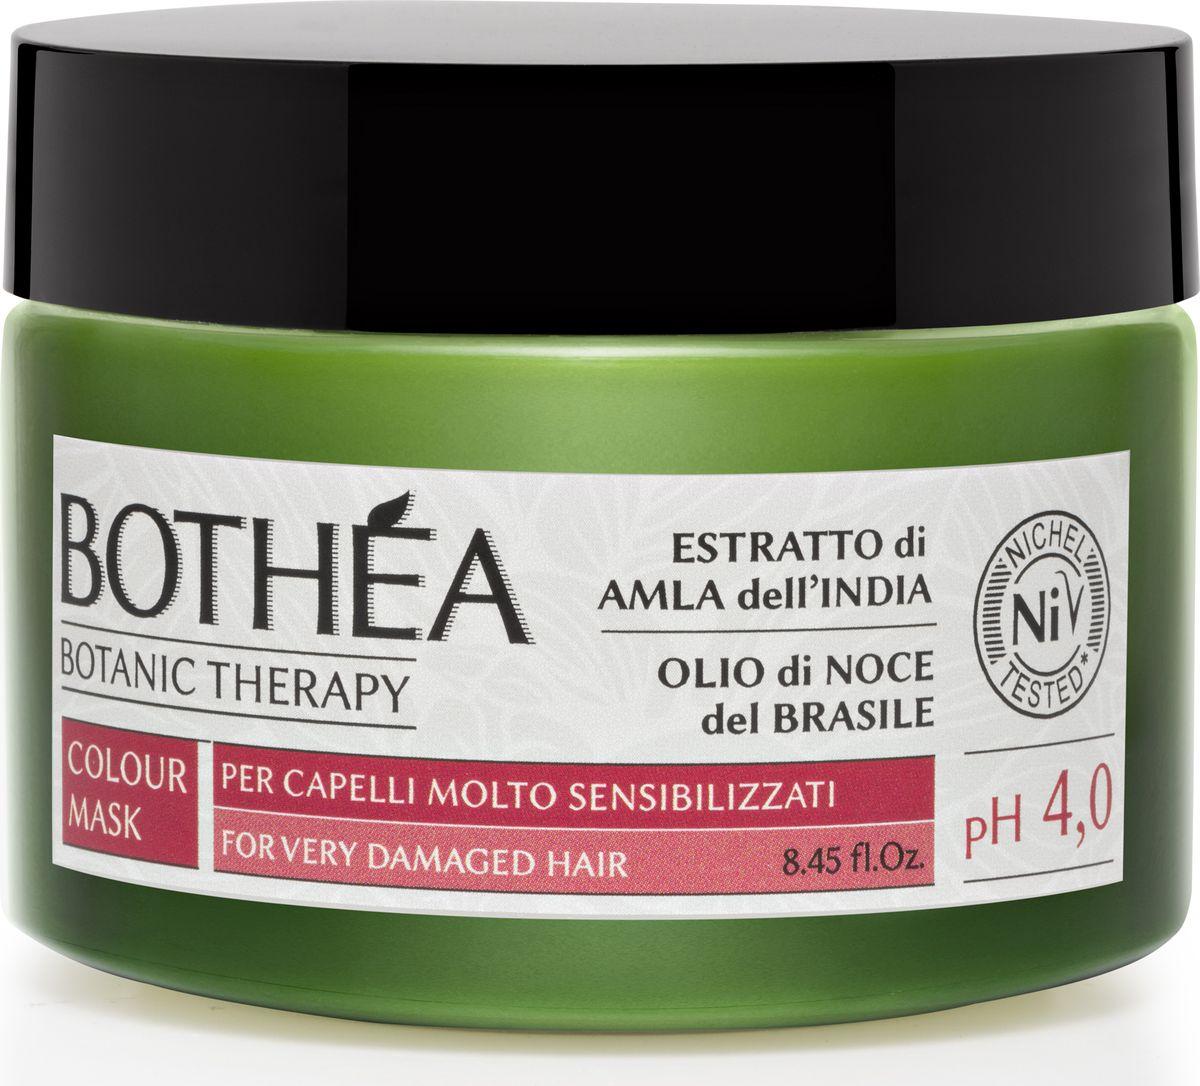 Bothea Маска для поврежденных волос Mask For Slightly Damaged Hair pH 4.0 - 250 млC5637300Кондиционирующее действие по восстановлению влаги, формула закрывает чешуйки волос, обеспечивая превосходное отражение света. Более того, маска мгновенно смягчает кутикулу и облегчает расчесывание волос.